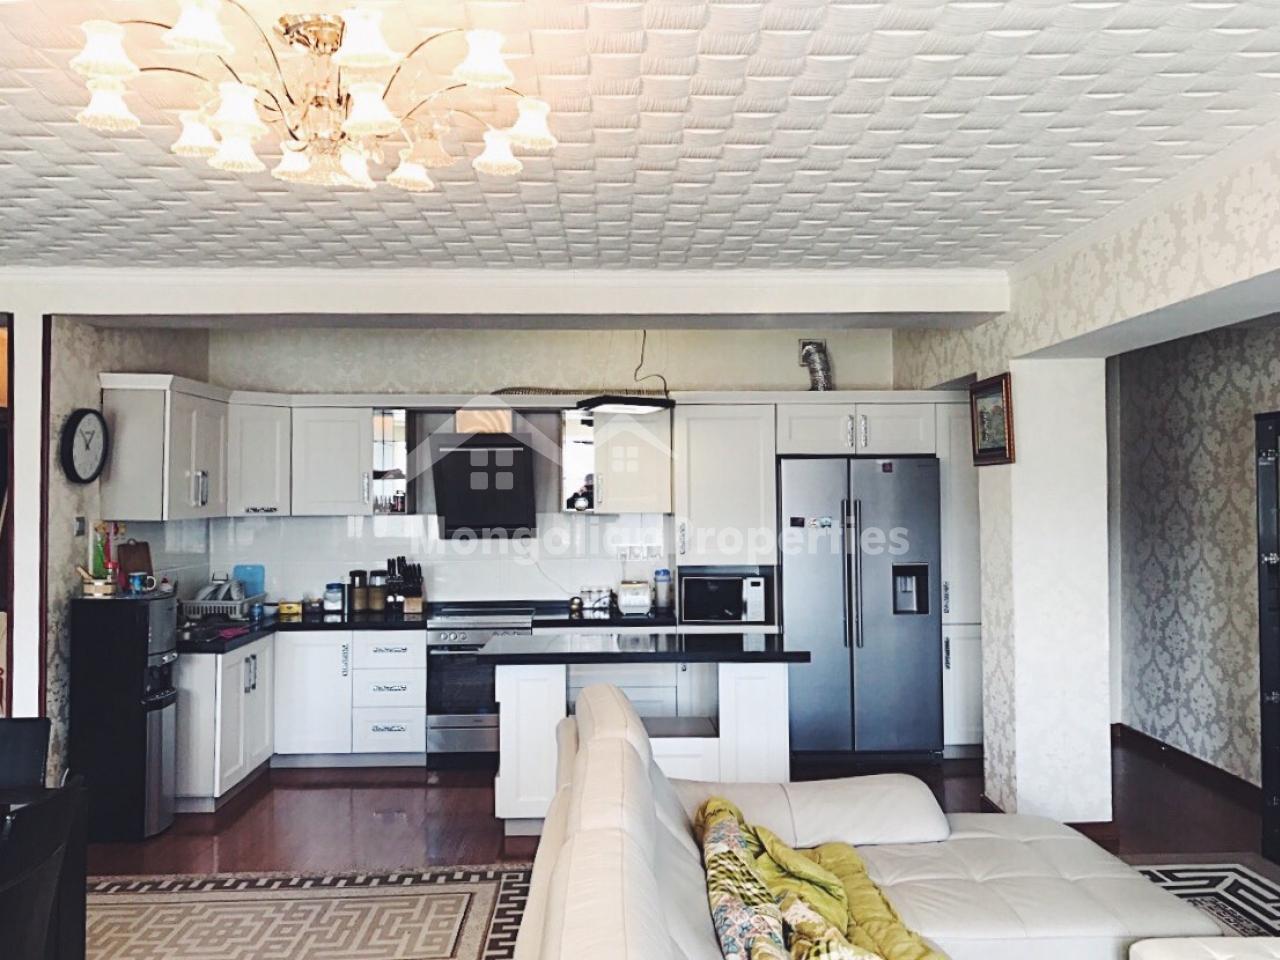 FOR SALE: 300sqm duplex apartment at Jargalan Khotkhon